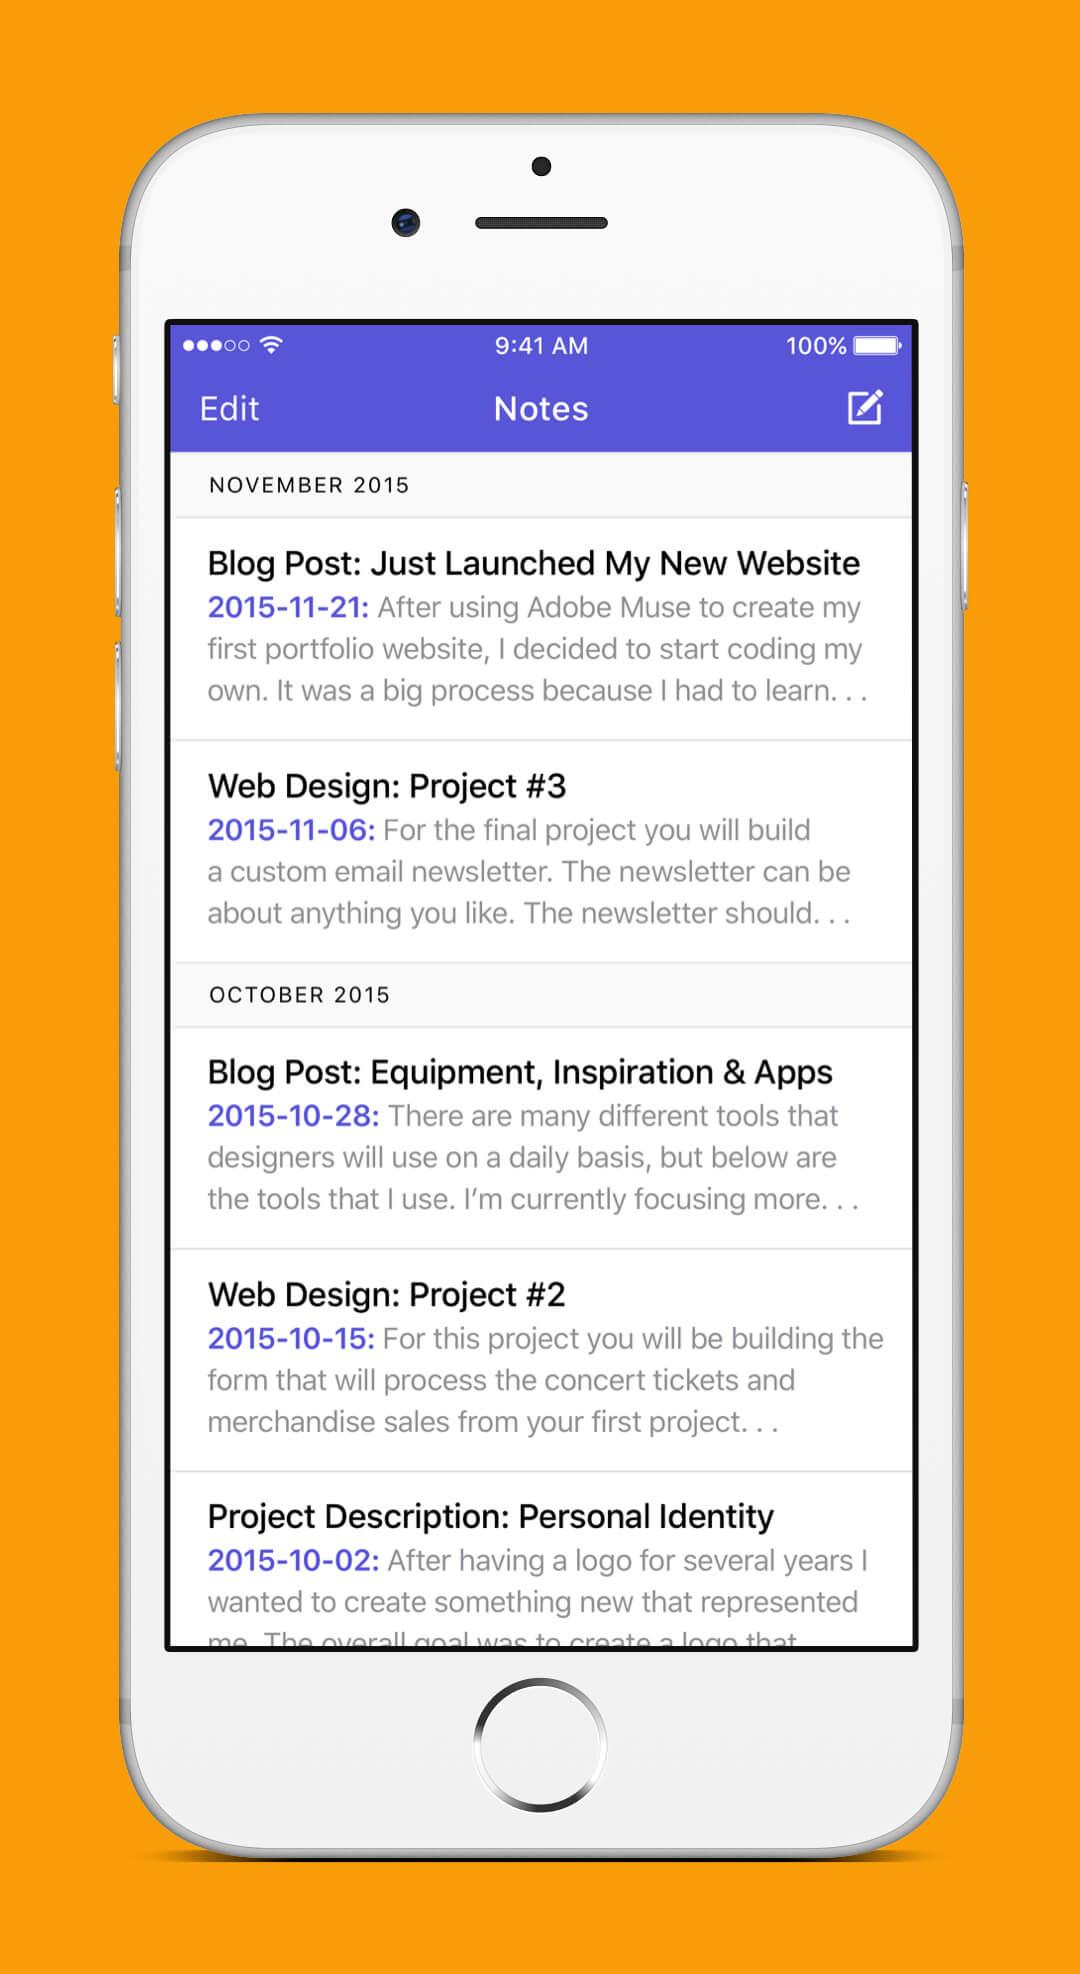 iOS 9 Redesign - Notes Screen